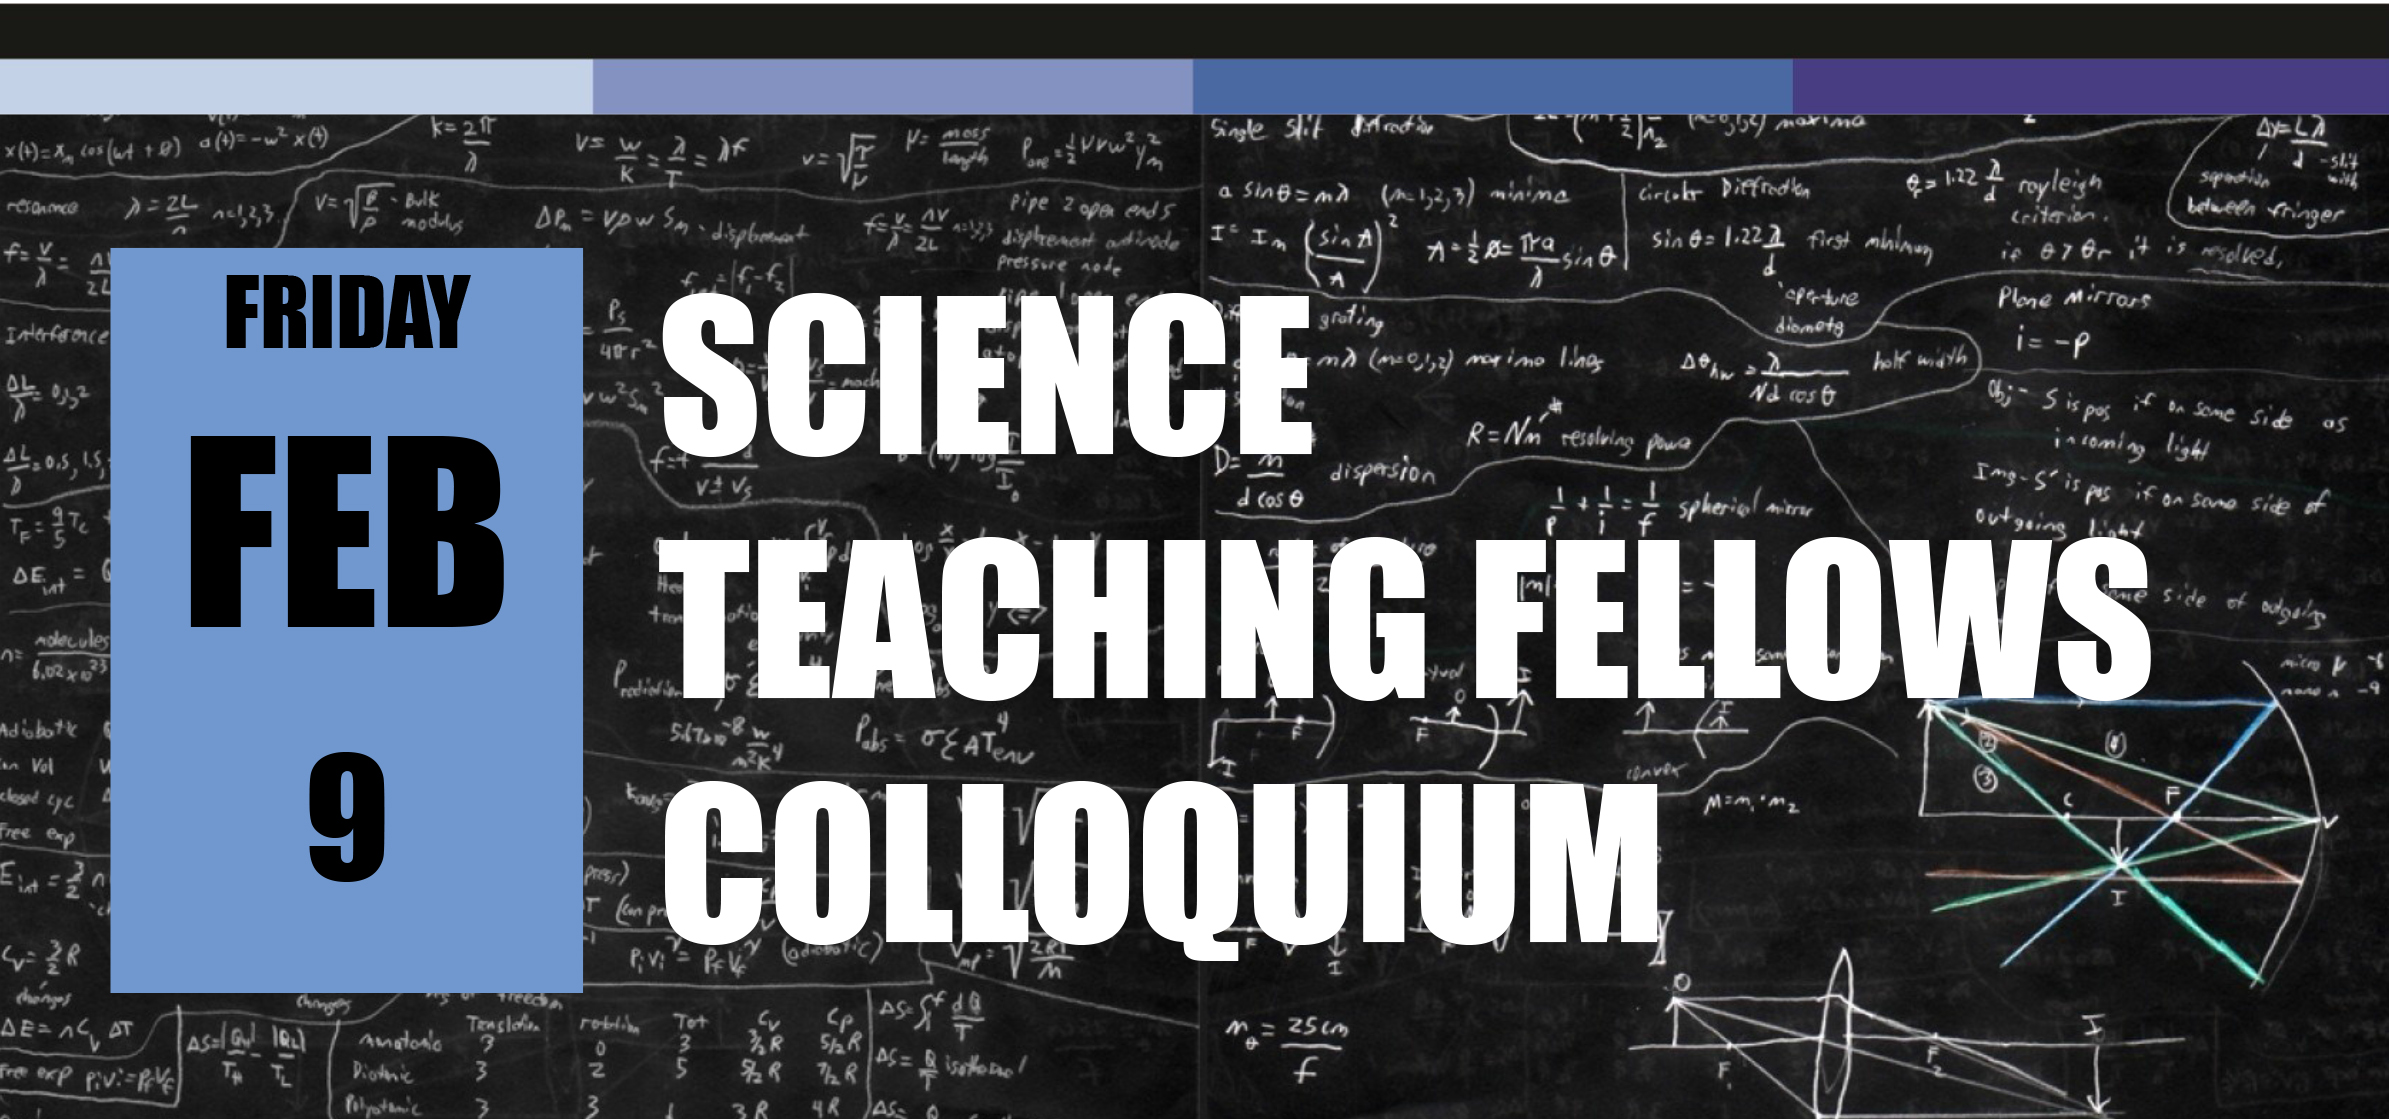 Science Teaching Fellows Colloquium February 9th.